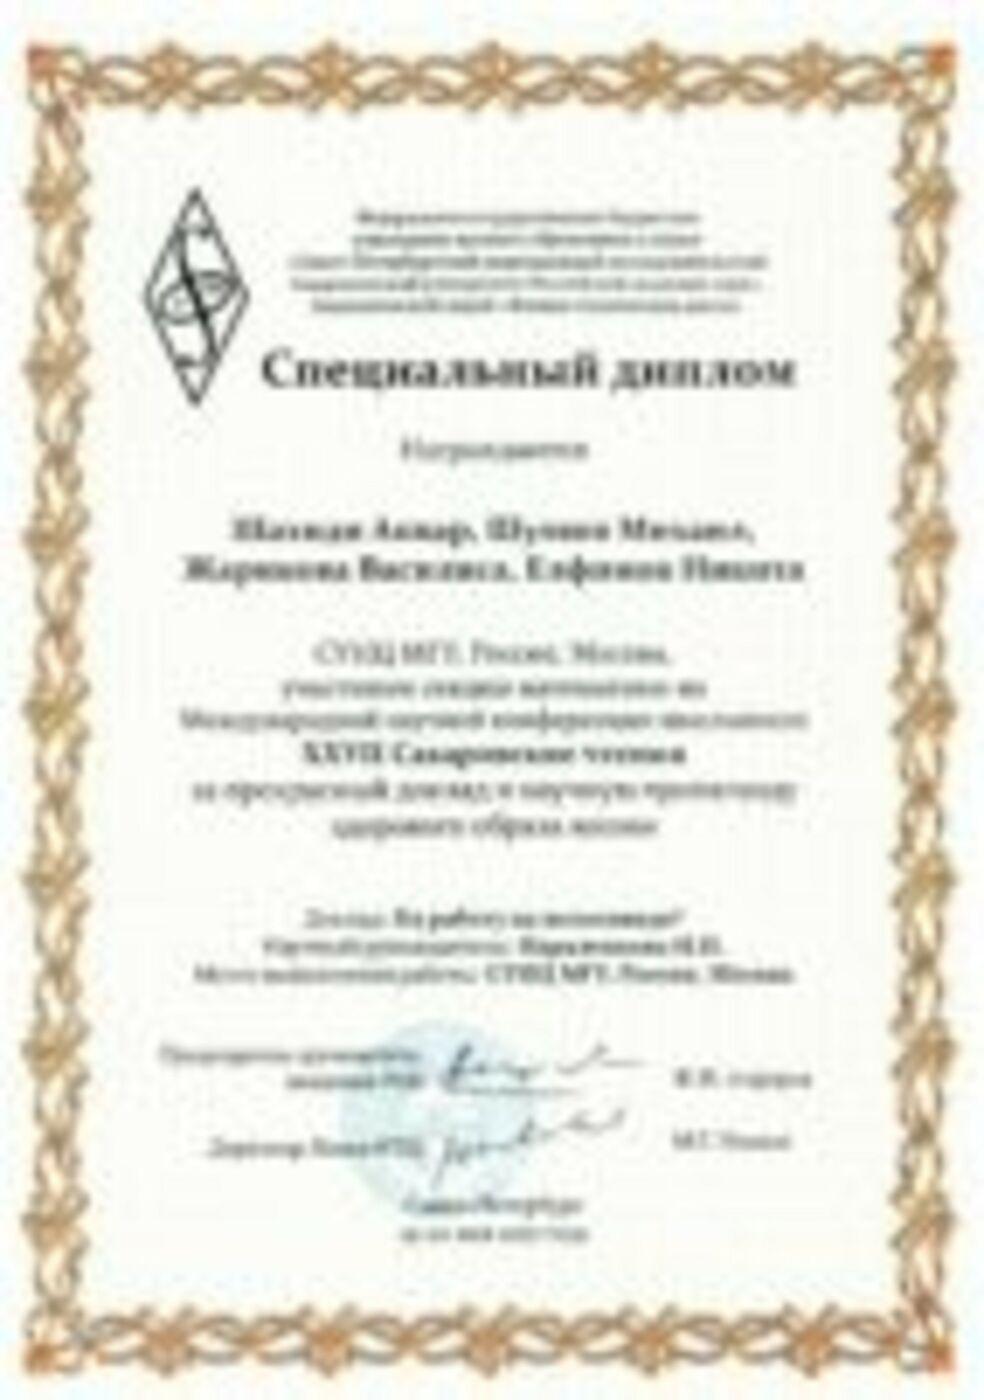 CCI26052017-спецдиплом Шуляев и К